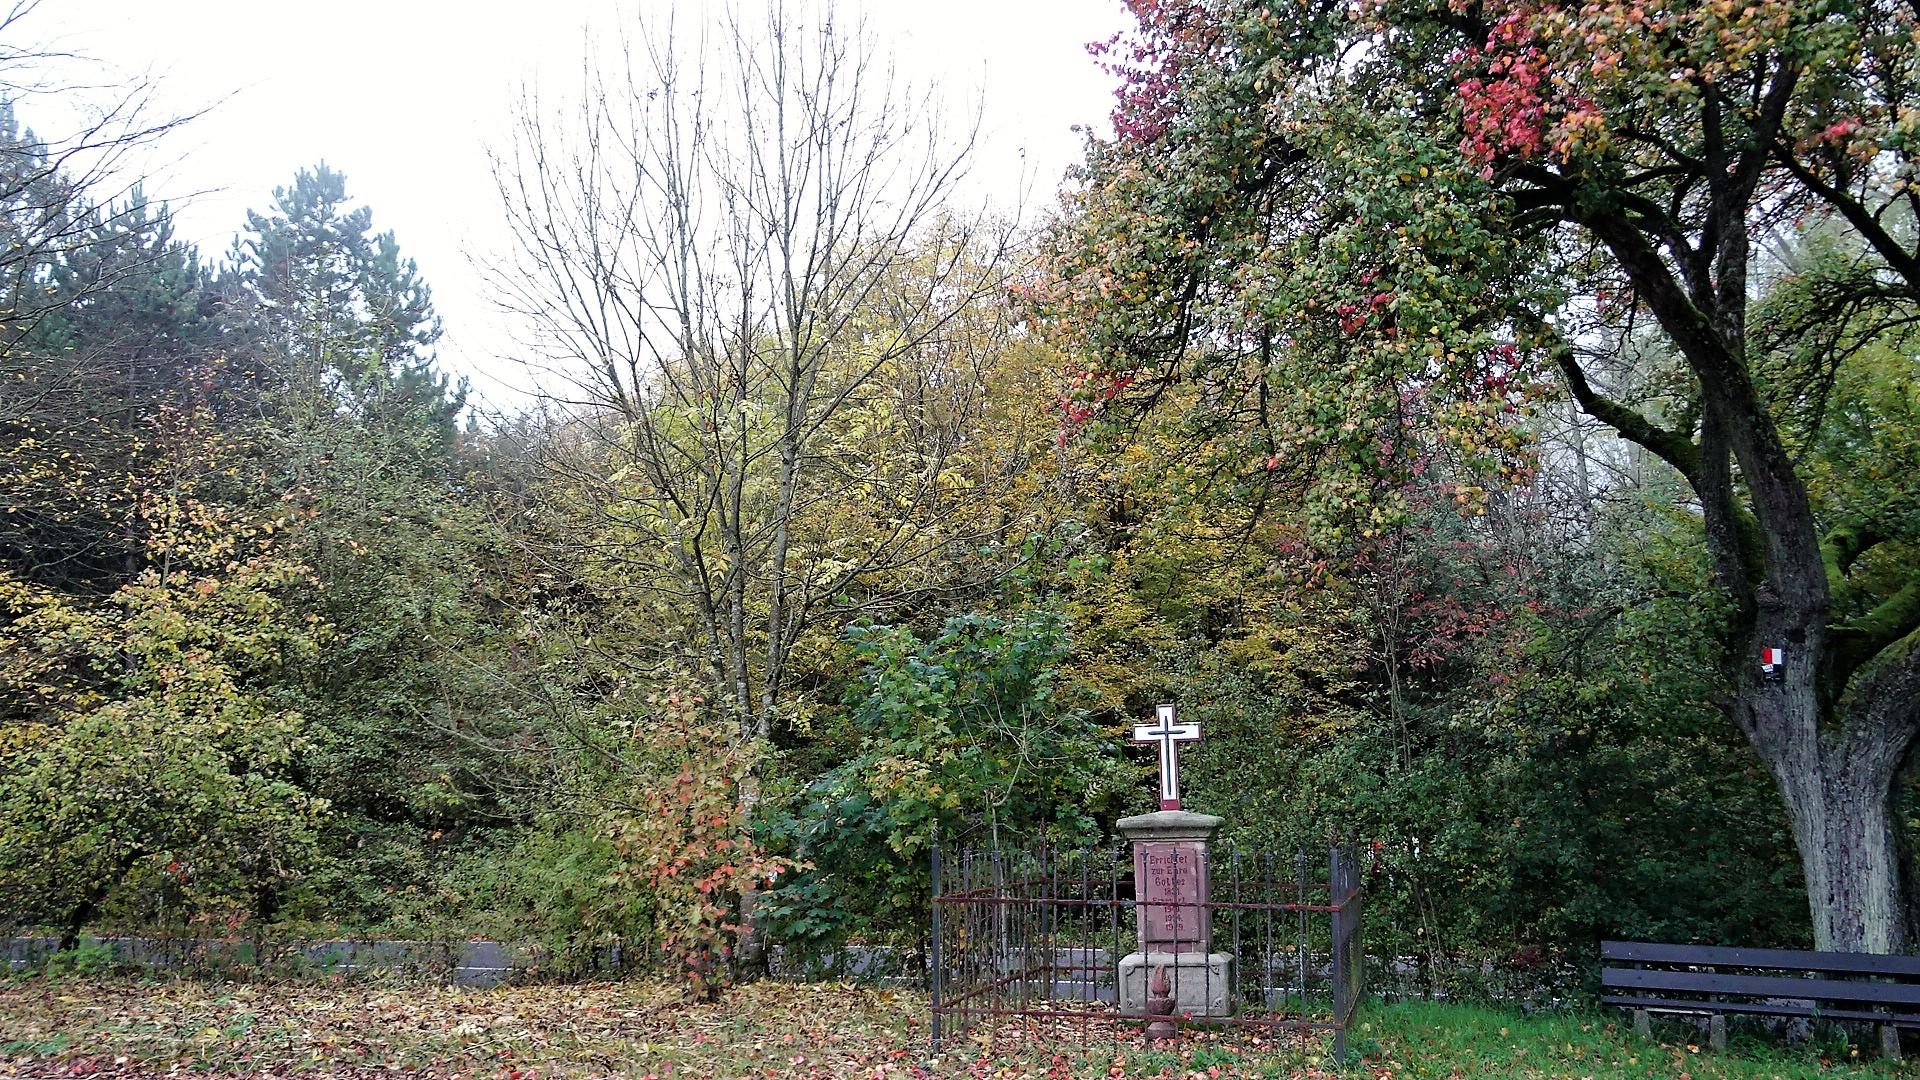 Wegekreuz am Scheidberg zwischen St. Barbara und Kerlingen